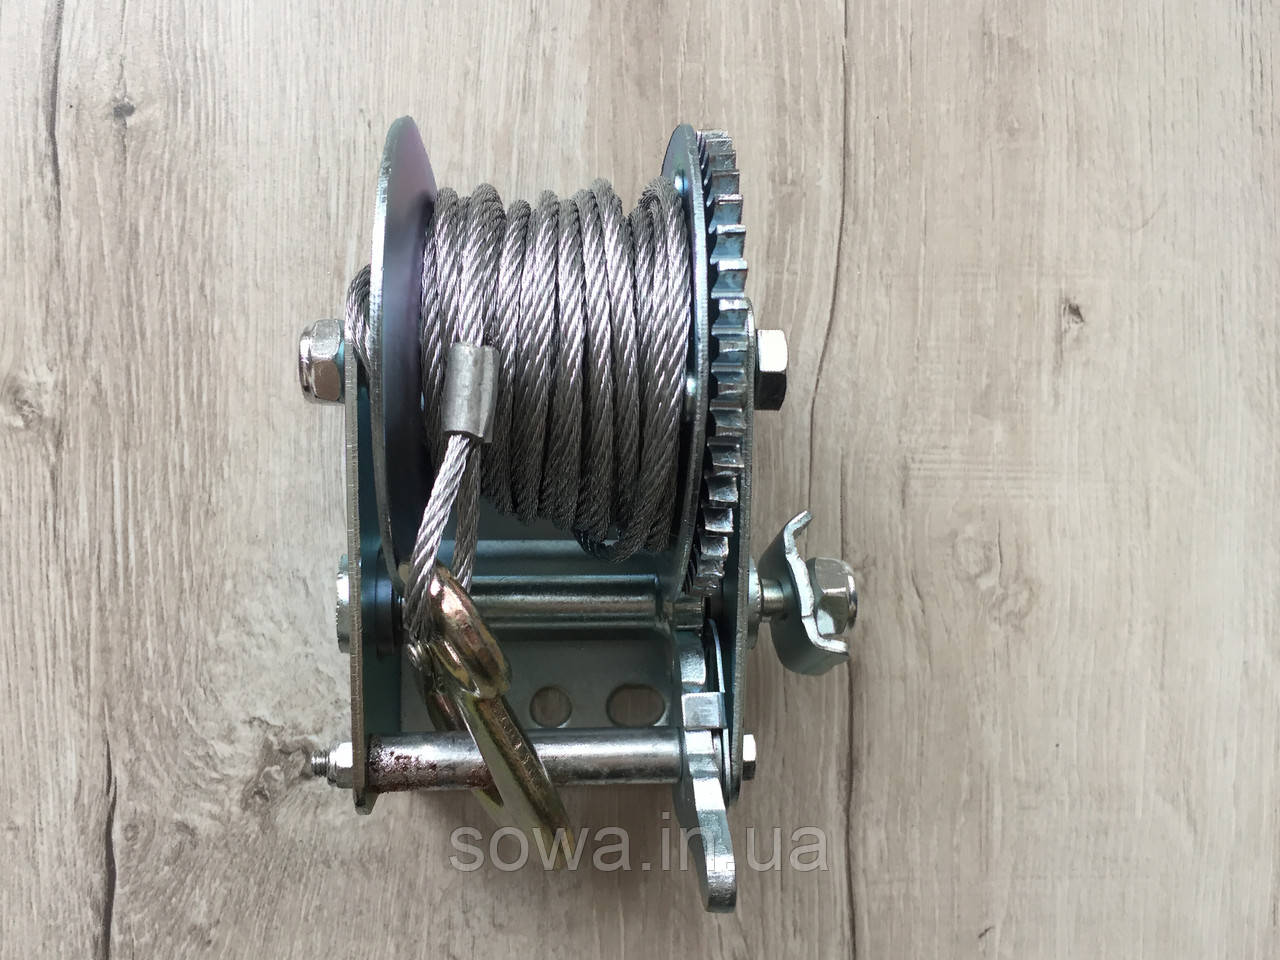 ✔️  Автомобильная лебедка  Euro Craft  800 фунтов / 360 кг